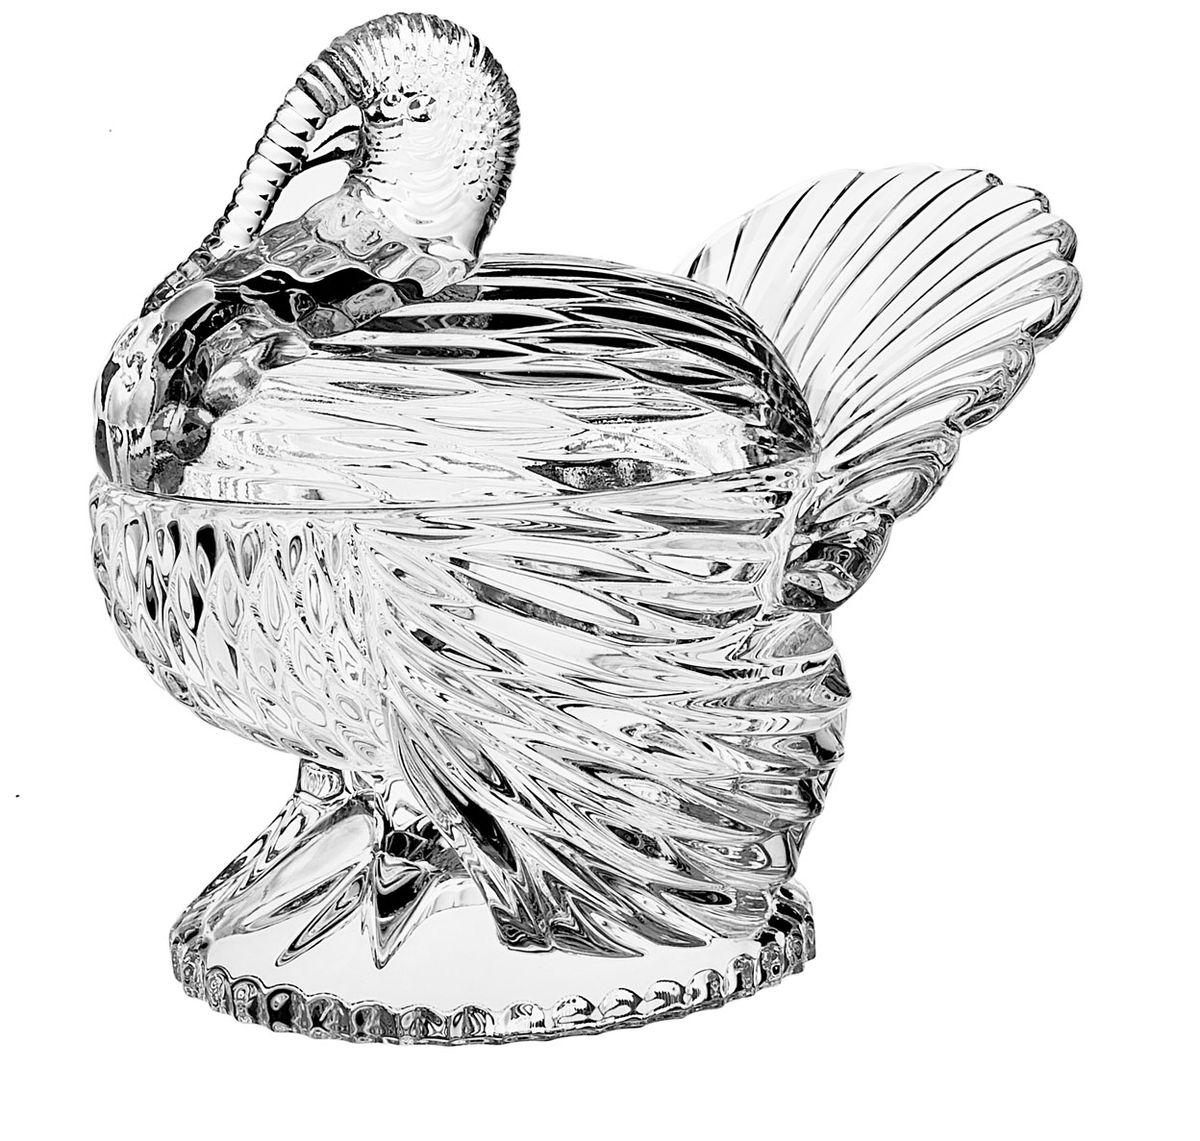 Доза Crystal Bohemia Индюк, 17 см х 15 см х 15,5 см990/58731/1/69731/180-109Доза Crystal Bohemia Индюк изготовлена из высококачественного хрусталя. Доза выполнена в форме индюка со съемной крышкой и сочетает в себе изысканный дизайн с максимальной функциональностью. Ее можно использовать как блюдо для праздничной сервировки стола, так и шкатулку для хранения украшений. Она прекрасно впишется в интерьер вашего дома и станет достойным дополнением к кухонному инвентарю. Доза подчеркнет прекрасный вкус хозяйки и станет отличным подарком.Размер дозы: 17 см х 15 см х 15,5 см. Размер емкости: 11 см х 8,5 см х 5,5 см.